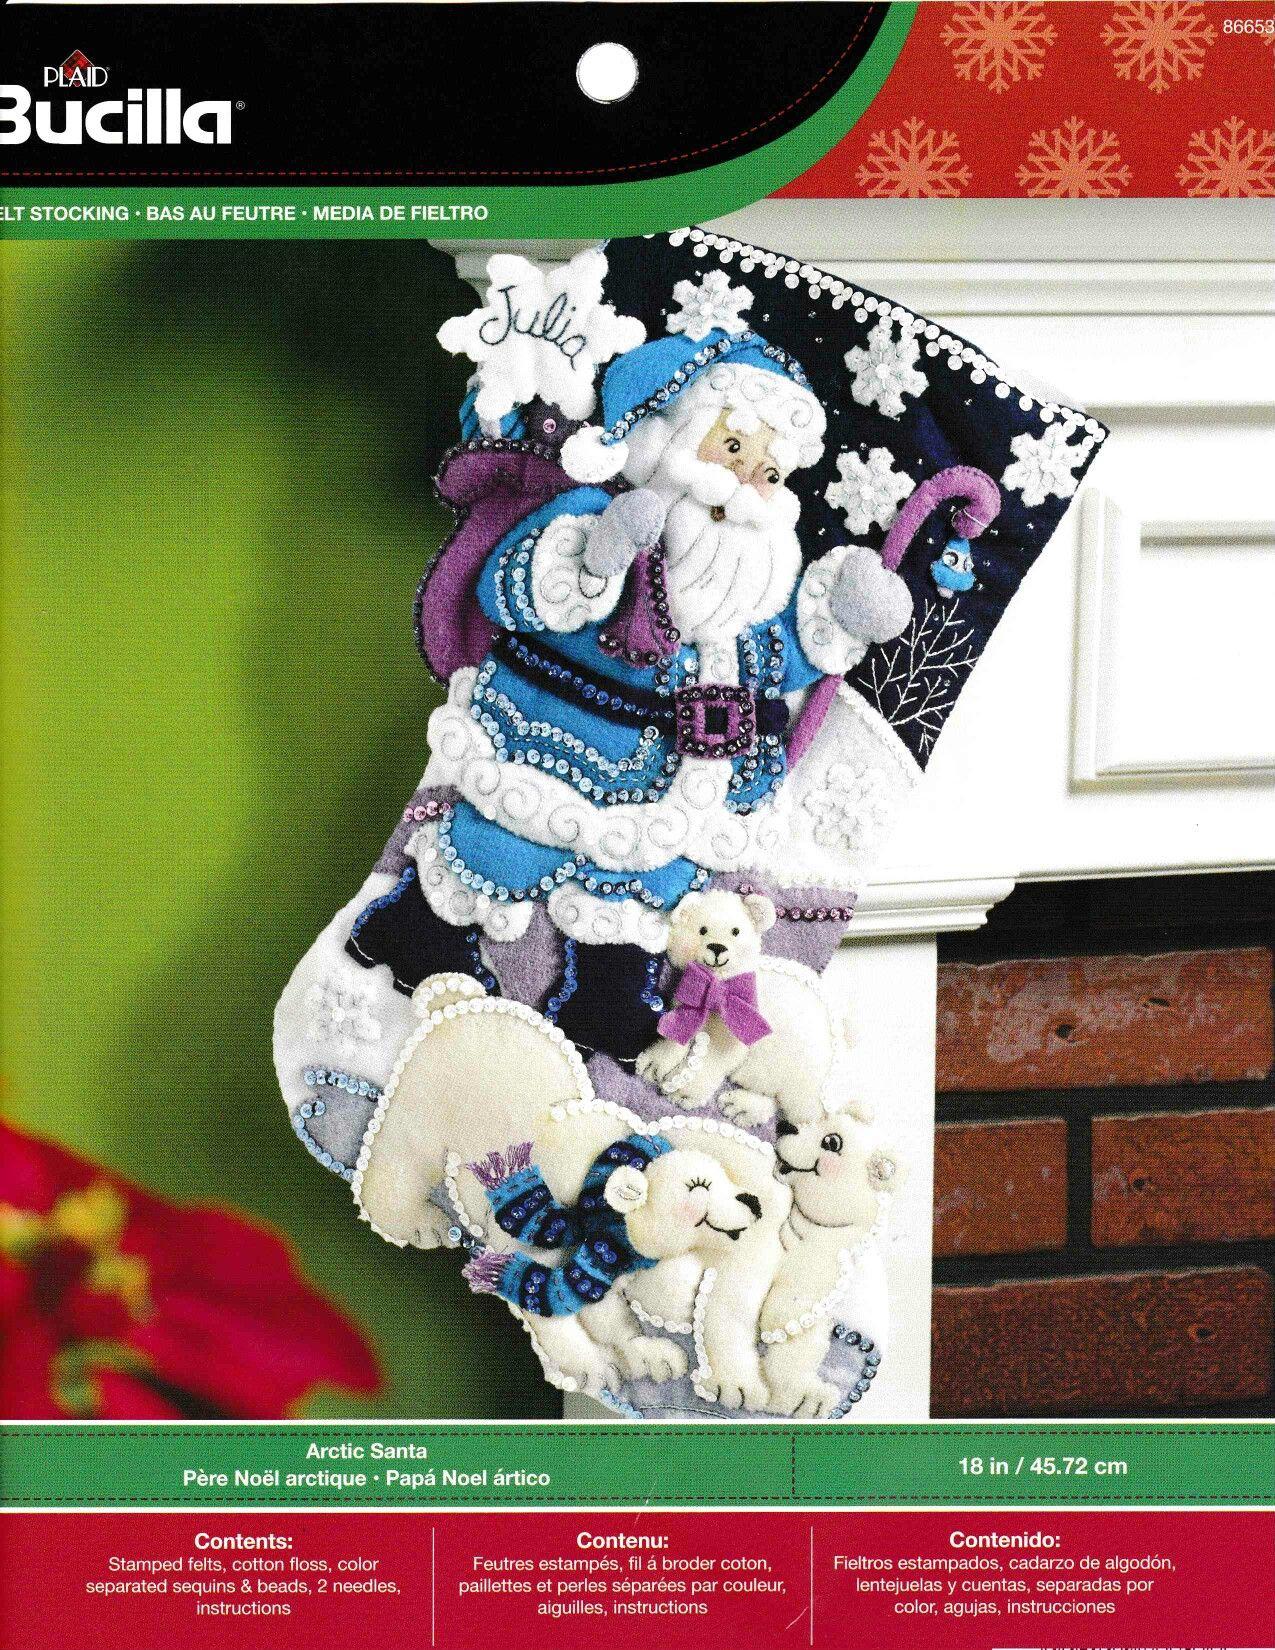 Pin de Isabela en Molde   Pinterest   Botas, Molde y Navidad